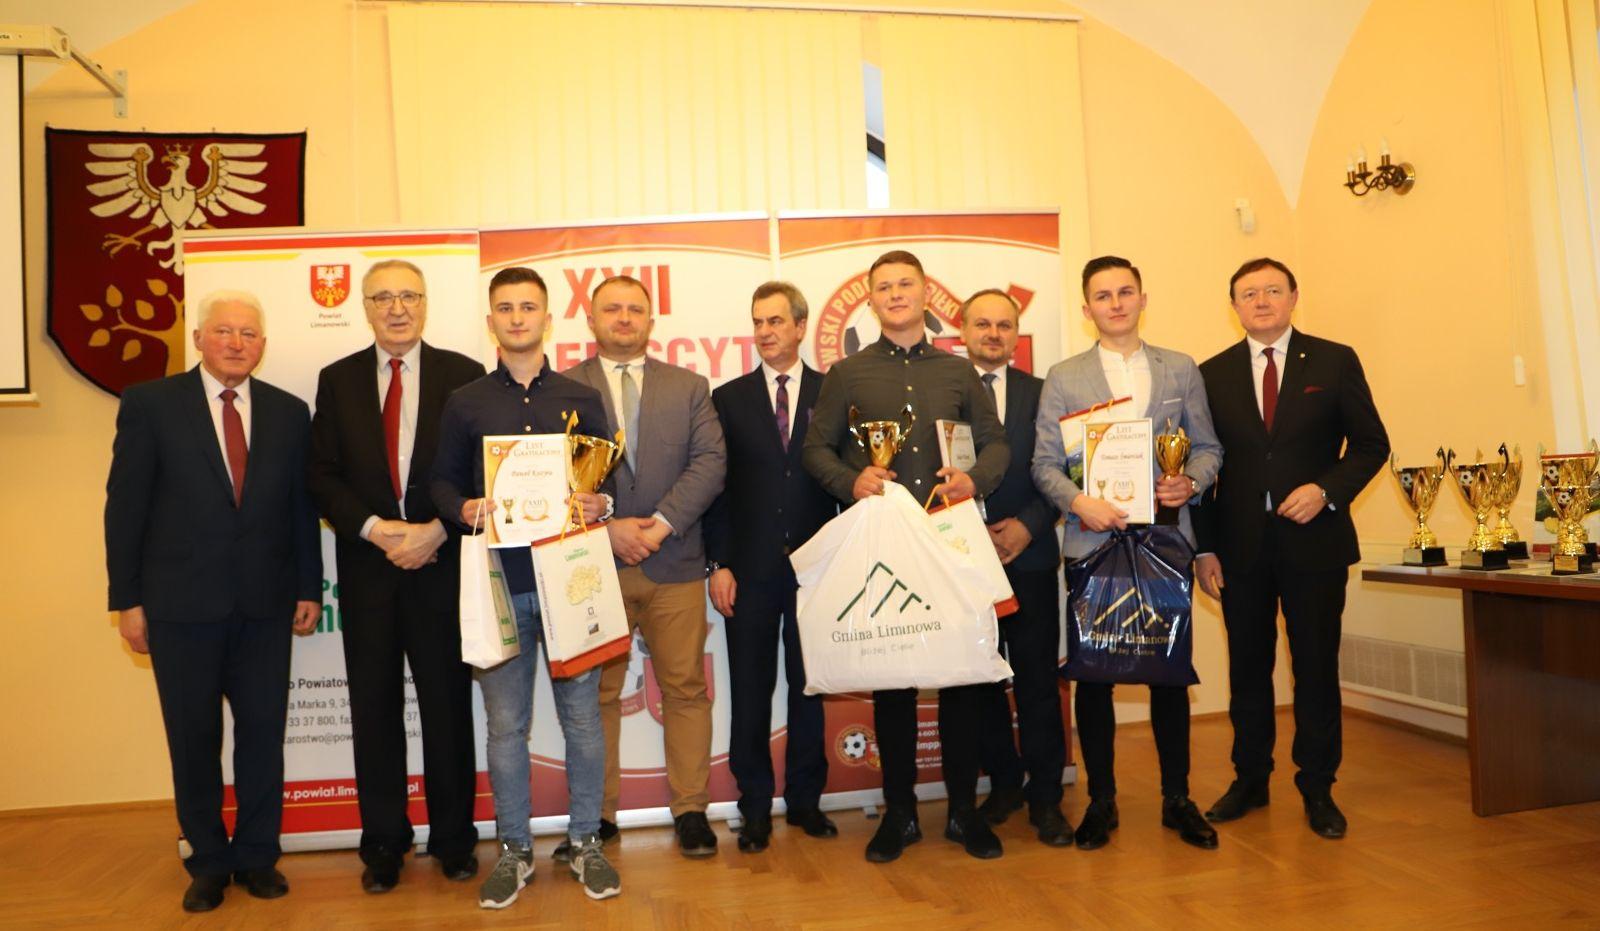 Plebiscyt na Najpopularniejszego Piłkarza i Trenera - laureaci z gminnych klubów nagrodzeni - zdjęcie główne